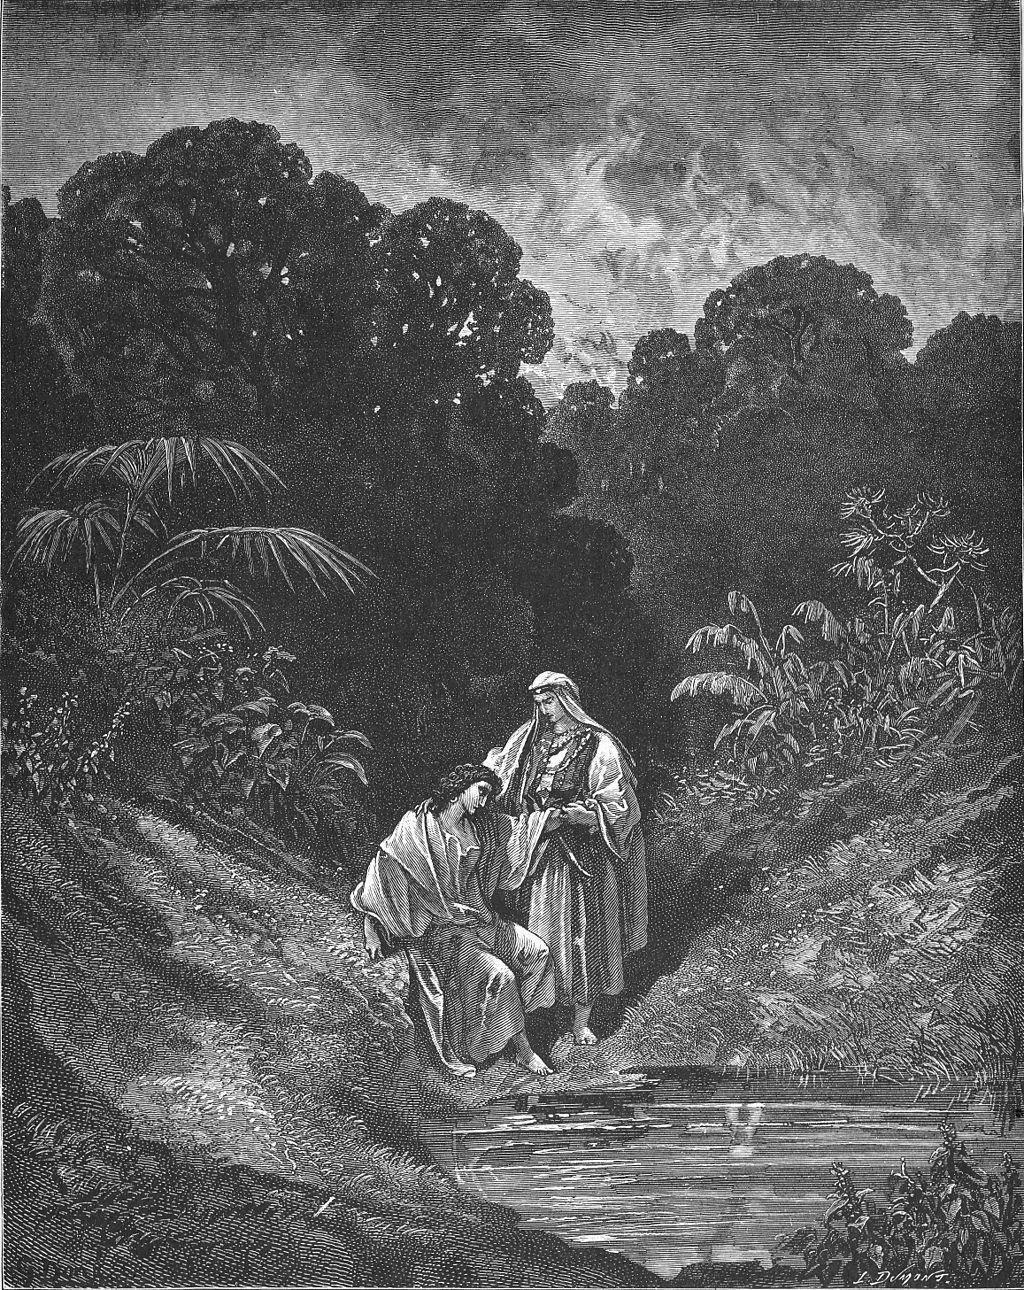 다윗과 요나단 (귀스타브 도레, Gustave Doré, 1866년)